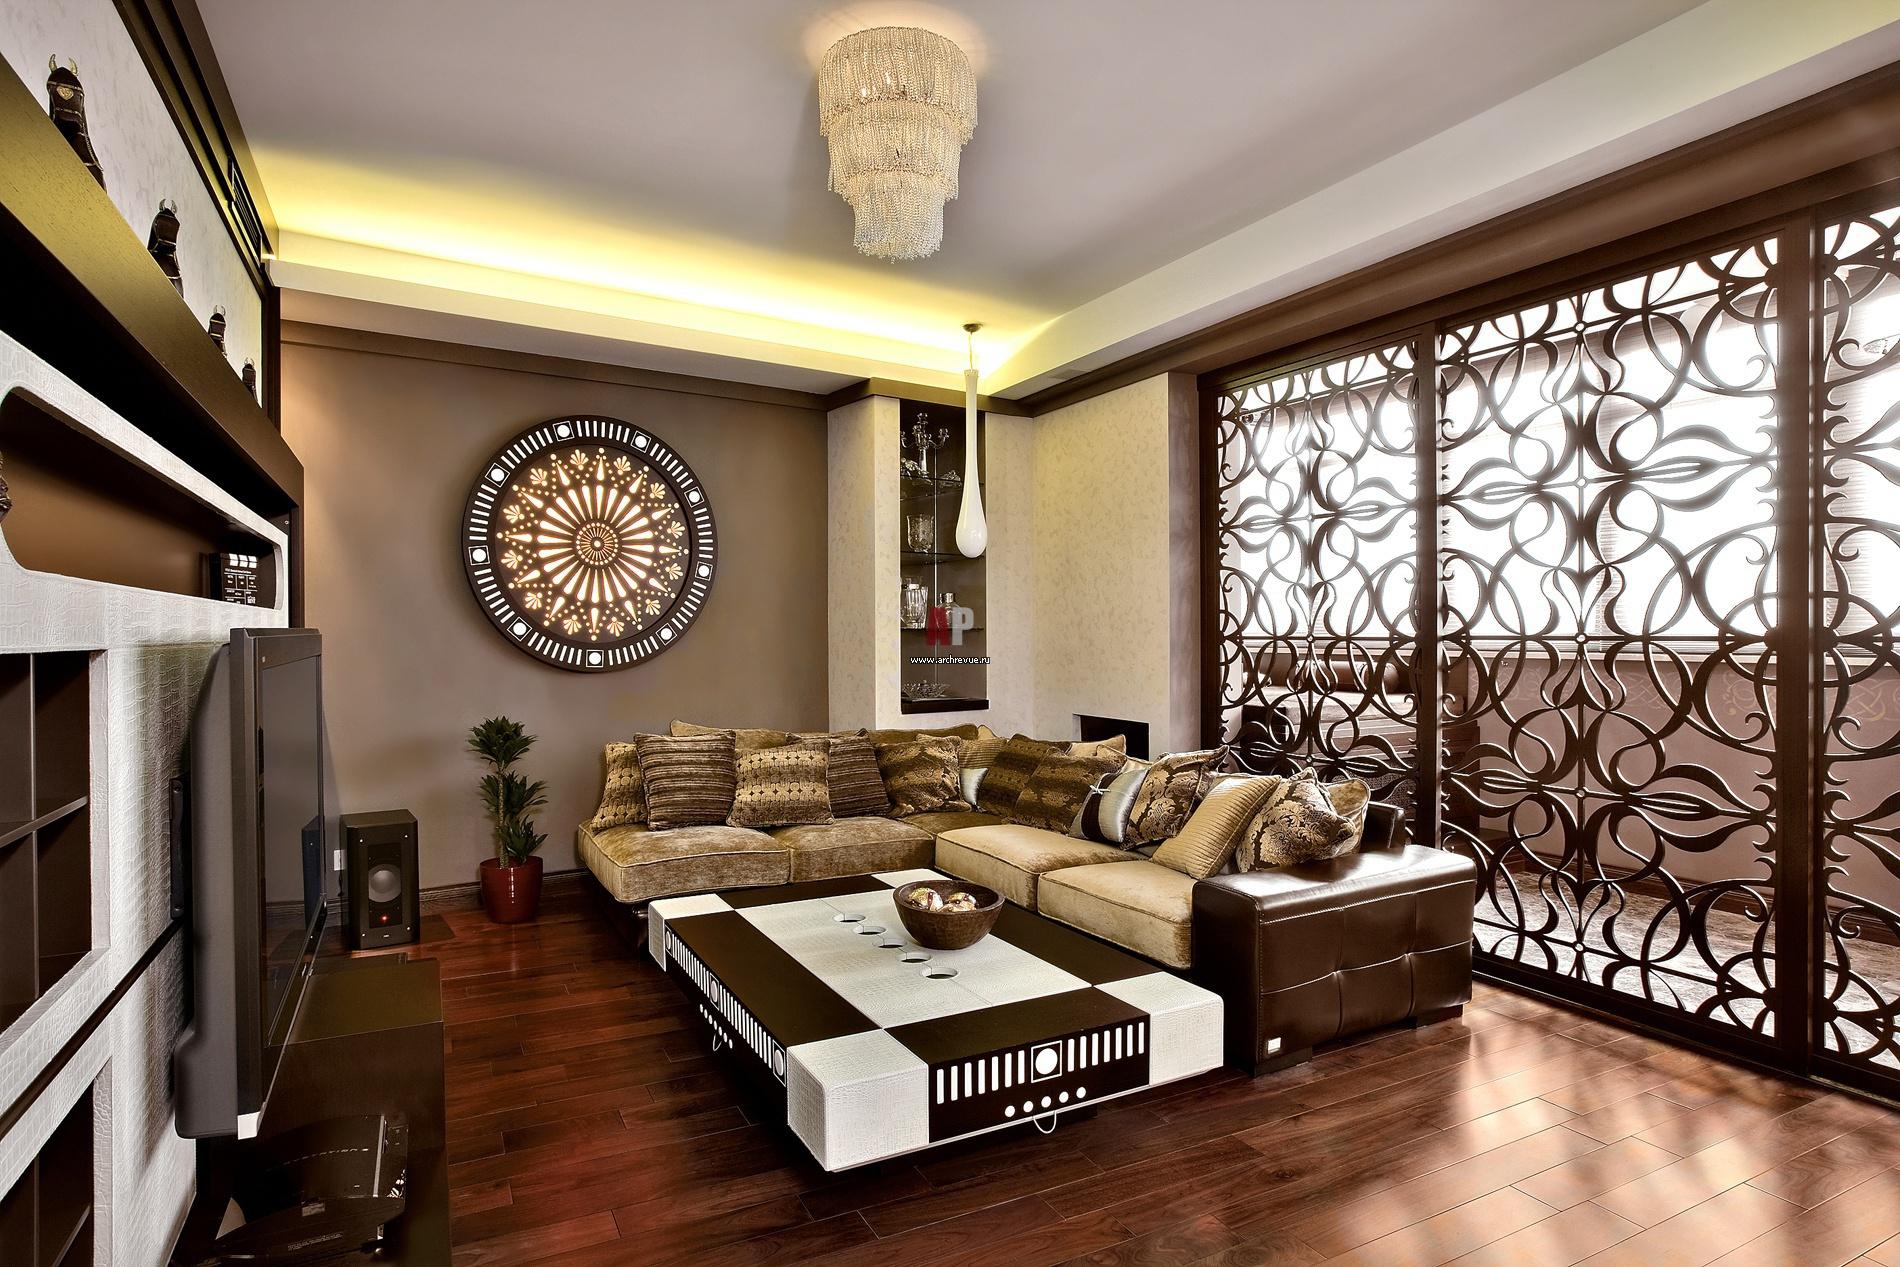 Дизайн интерьера в восточном стиле с